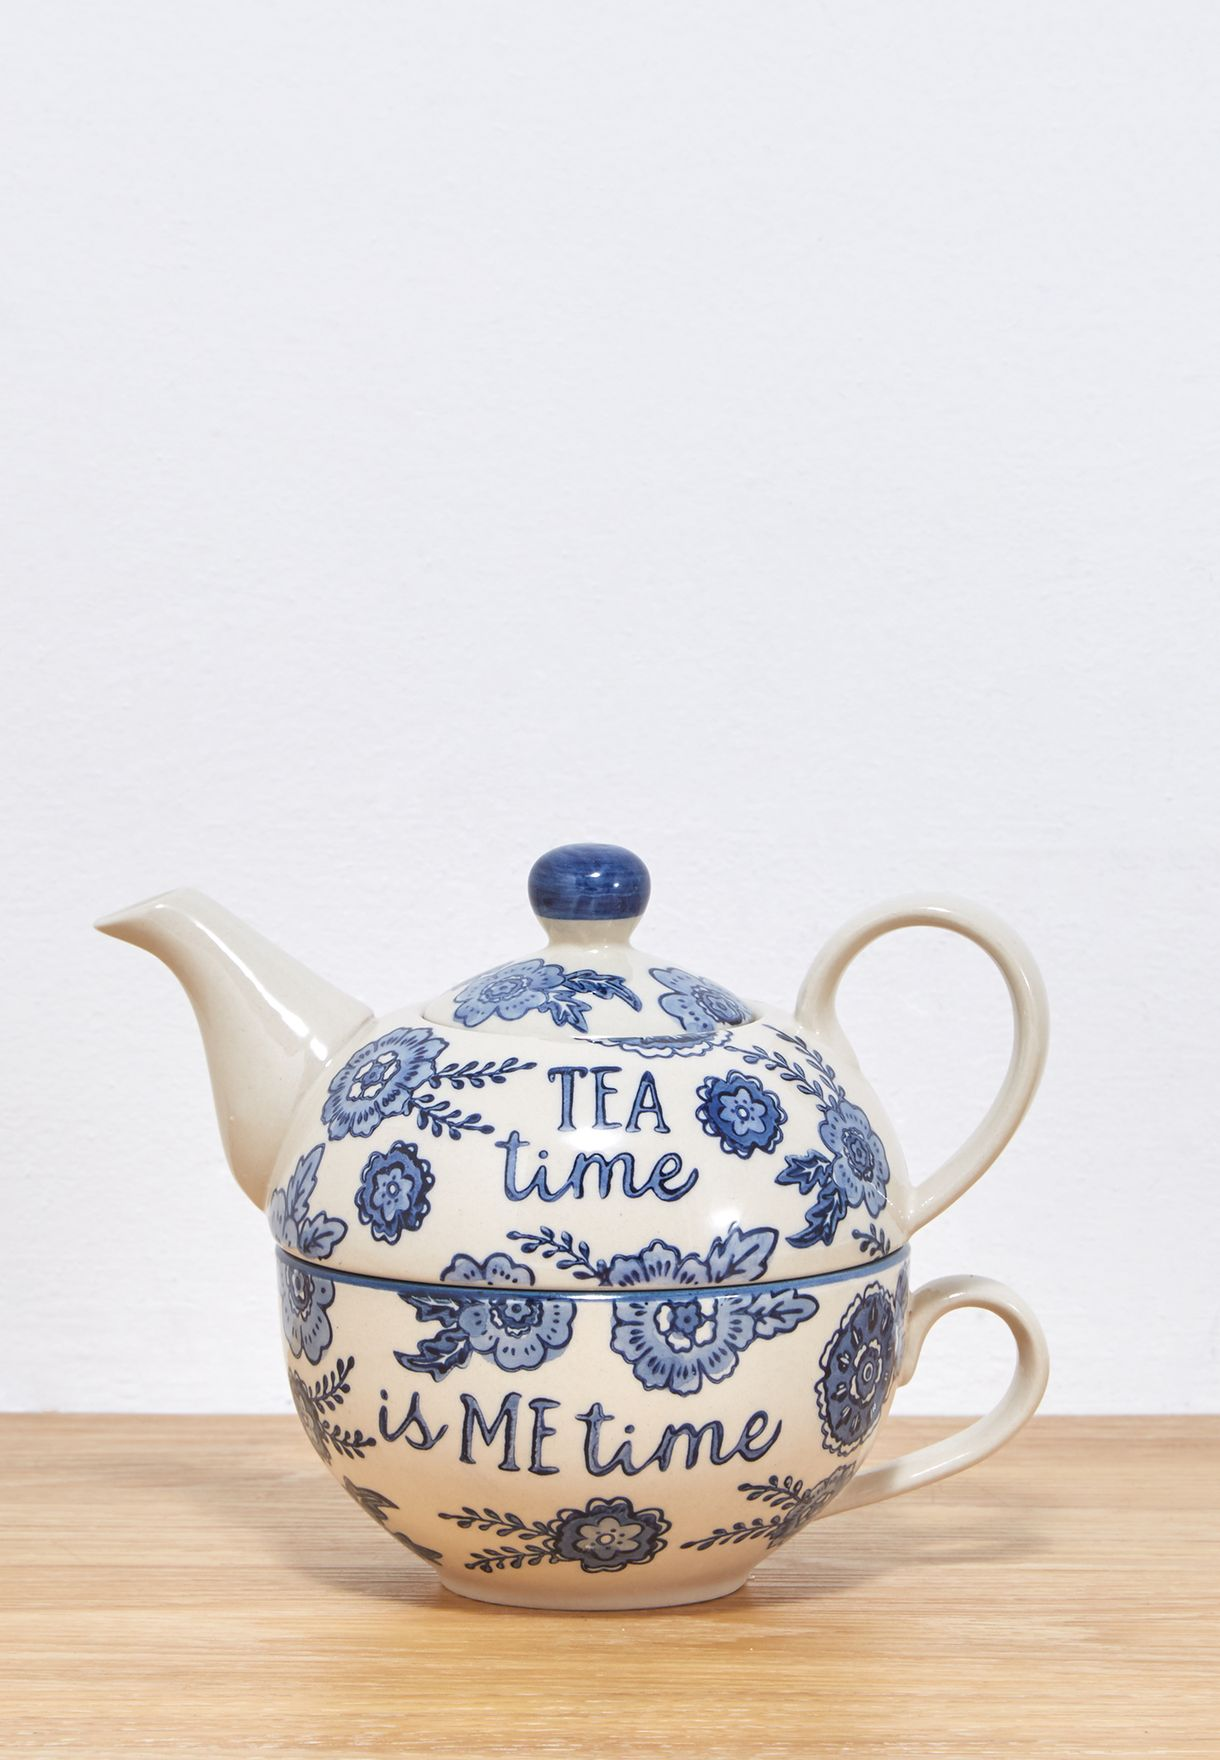 طقم (ابريق شاي + فنجان) لشخص واحد